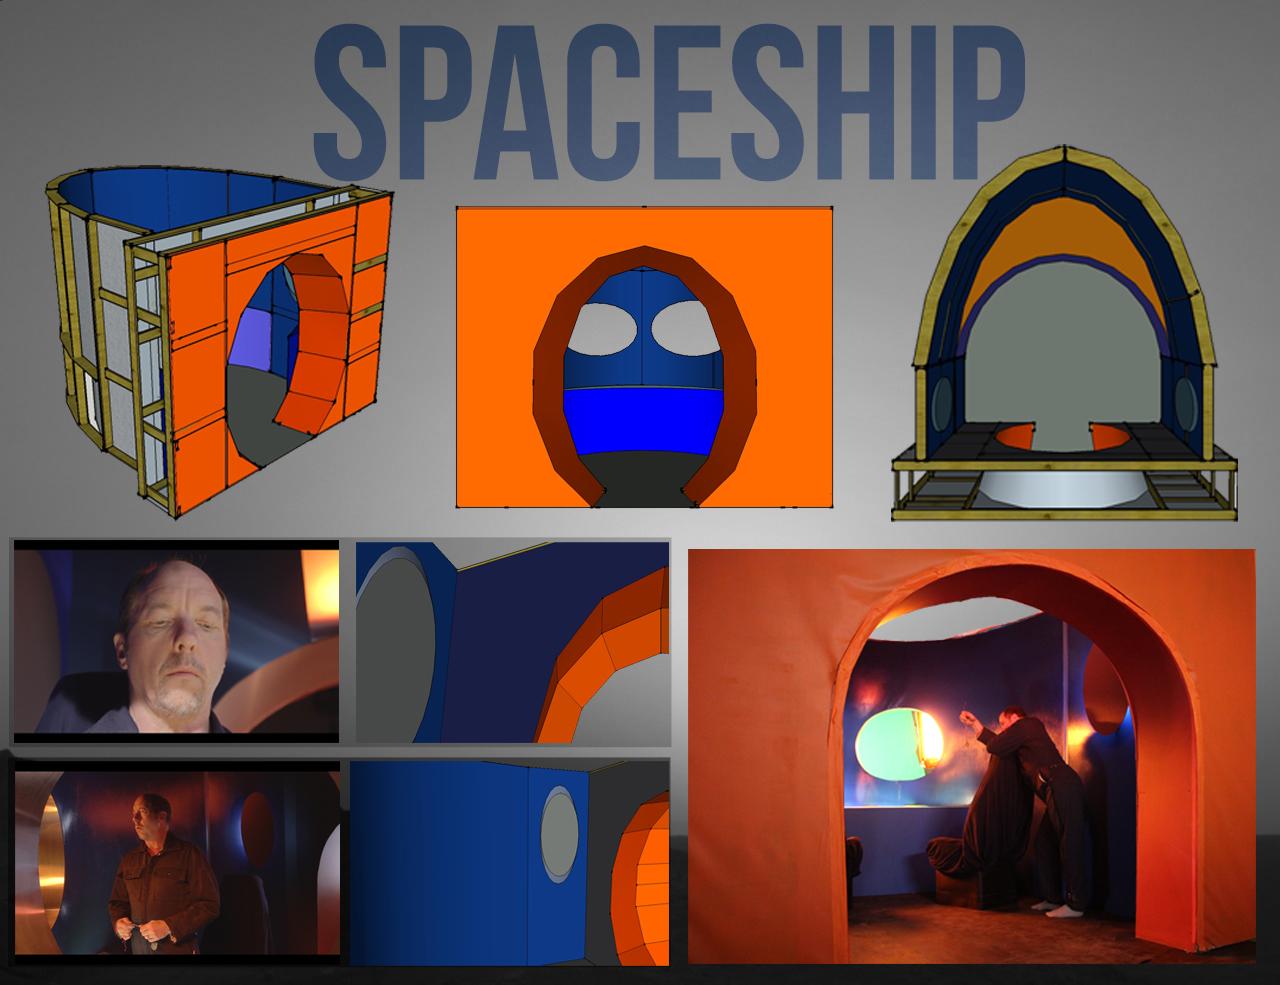 *spaceship2.jpg